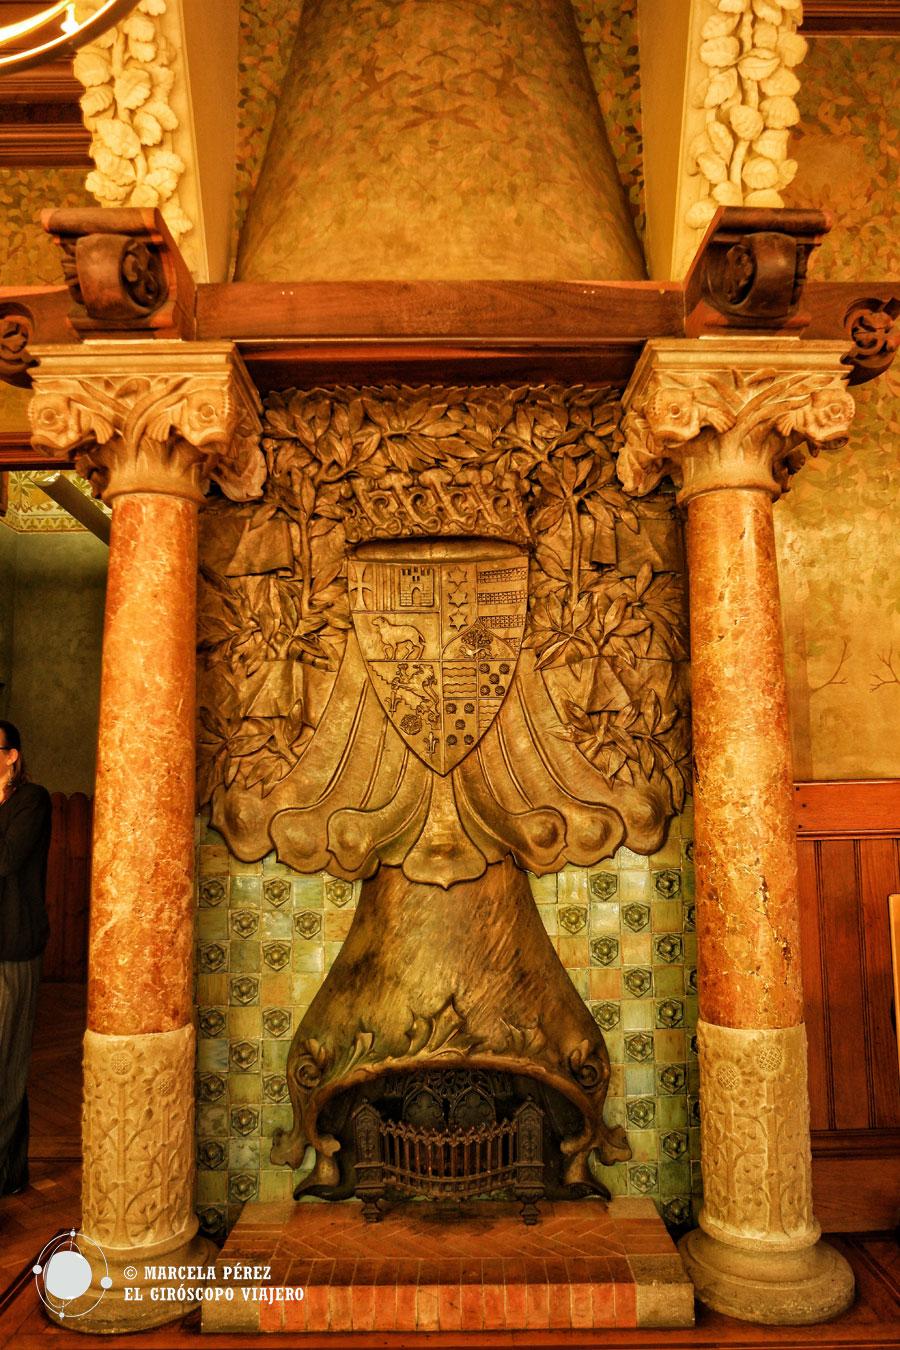 Elegante chimenea en el comedor del Palacio Barón de Quadras